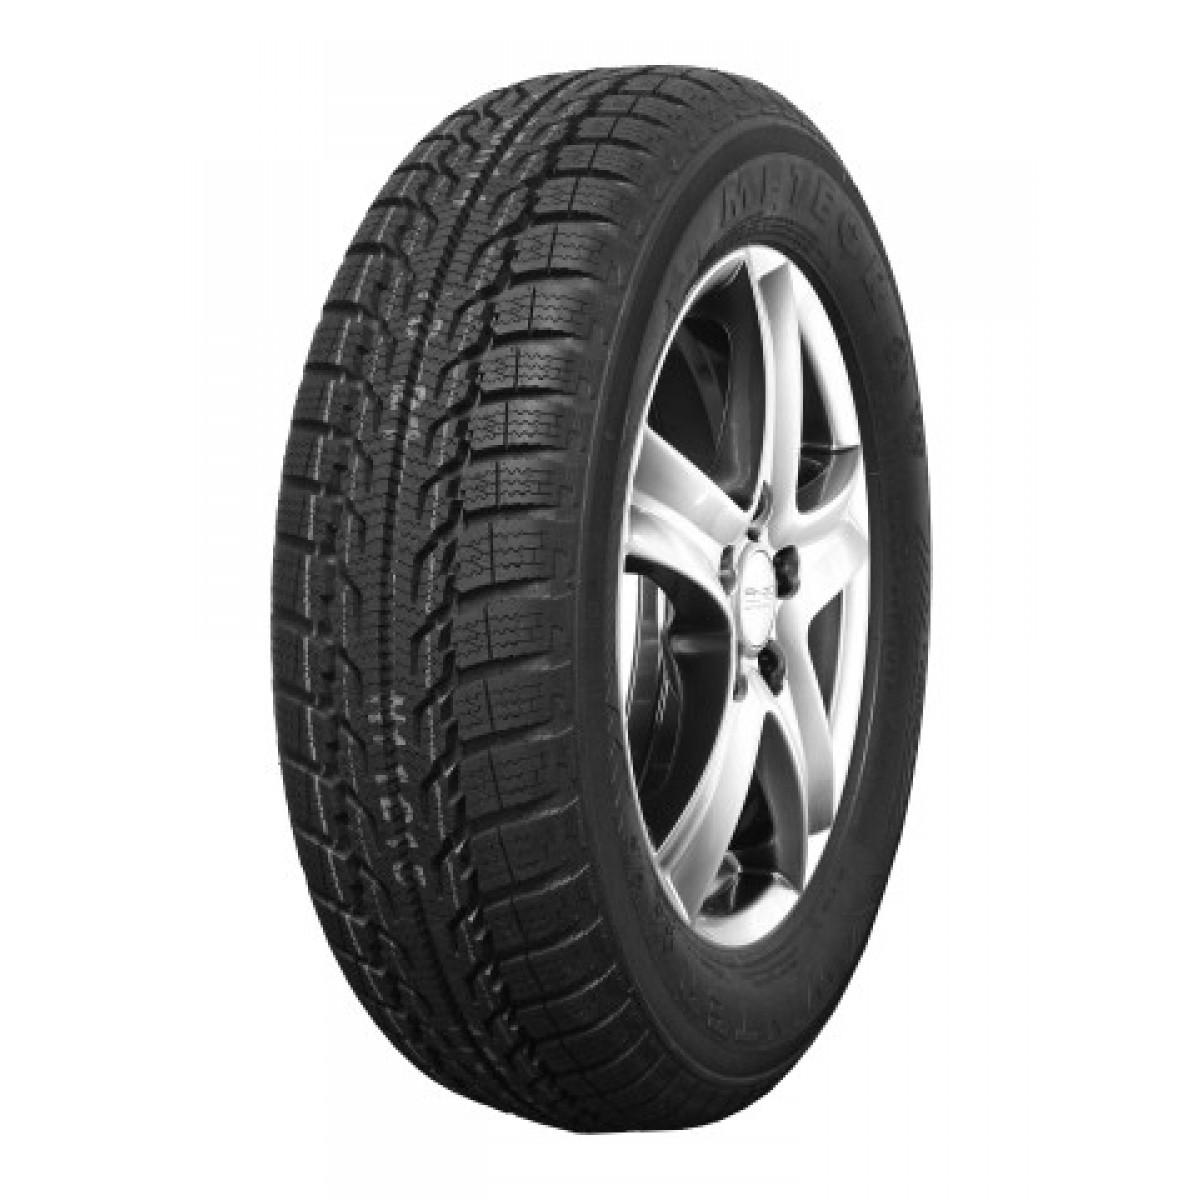 195/60R15 88H, Dunlop, Winter Sport 3D